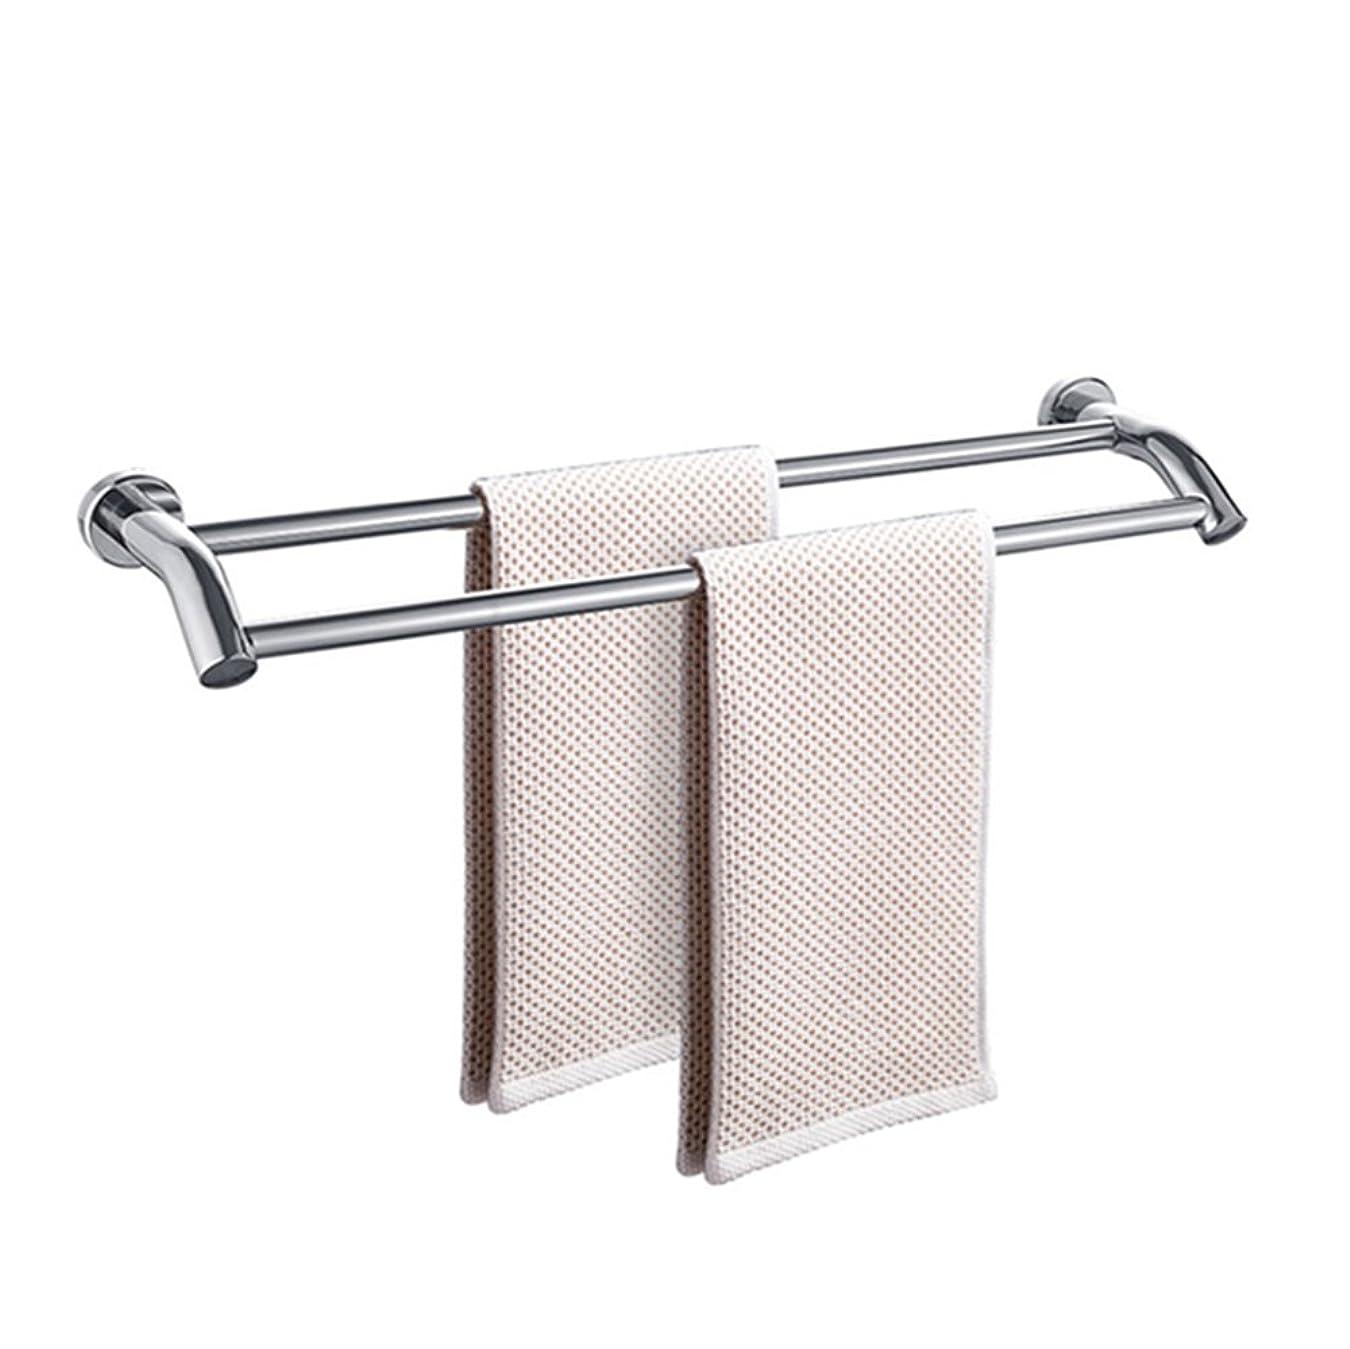 テーブルを設定する啓示不平を言うLXF タオルバーバスルーム304ステンレスタオルレールバスタオルラック壁掛けダブルポール接着剤または穴あき (Size : 80*14.3cm)